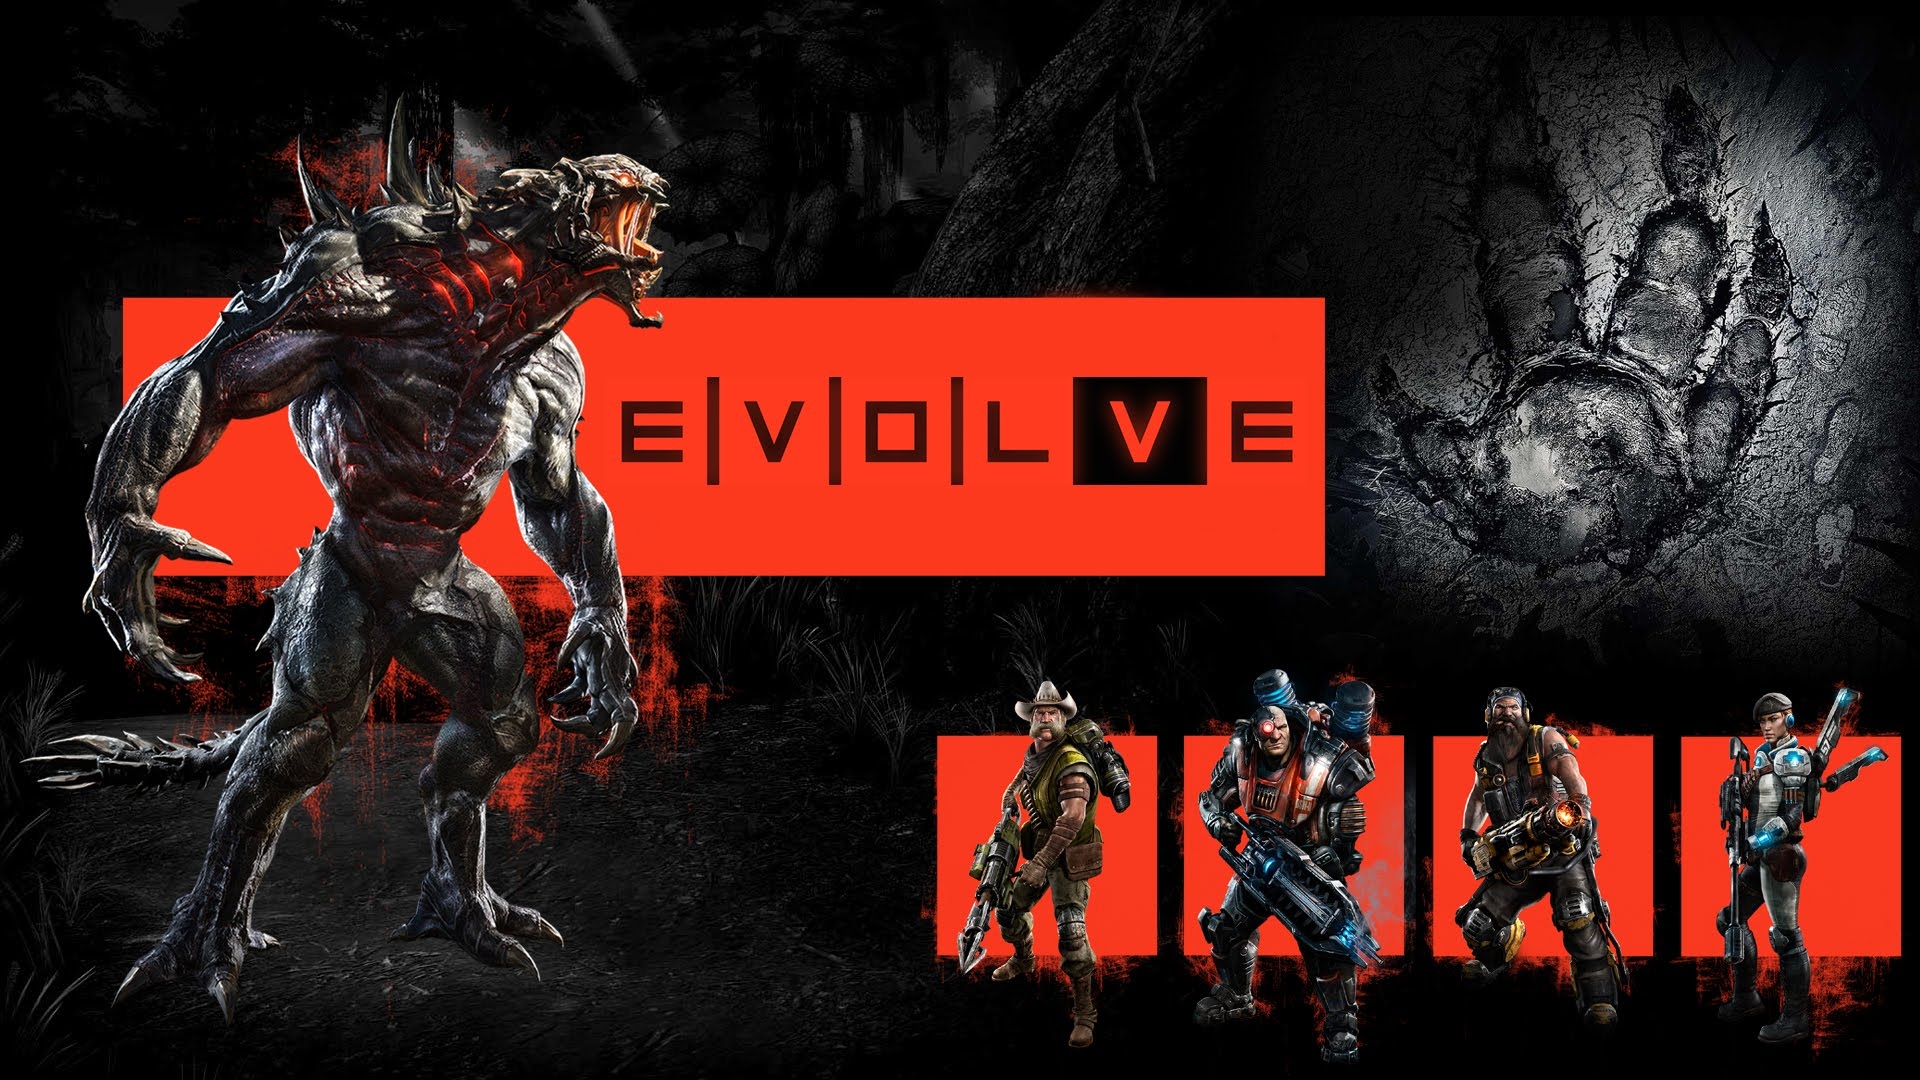 Evolve's teurer Ingame-Shop startet in Amerika